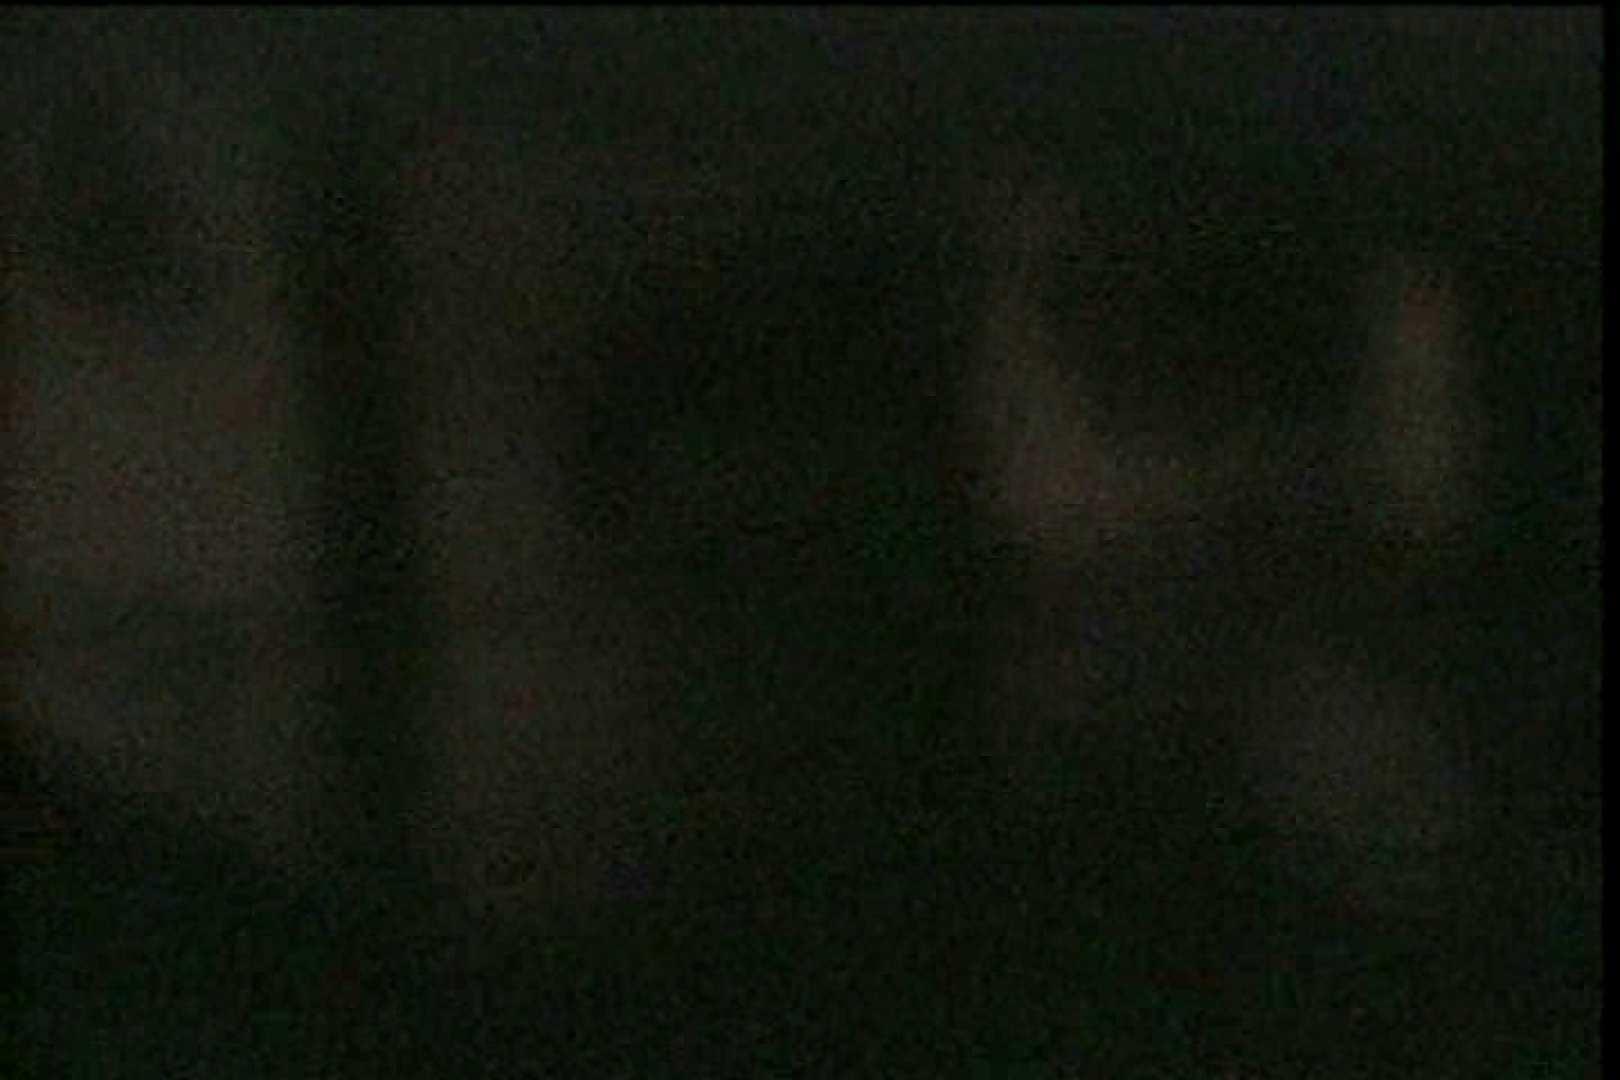 闇の仕掛け人 無修正版 Vol.19 フリーハンド | 制服ギャル  79pic 1